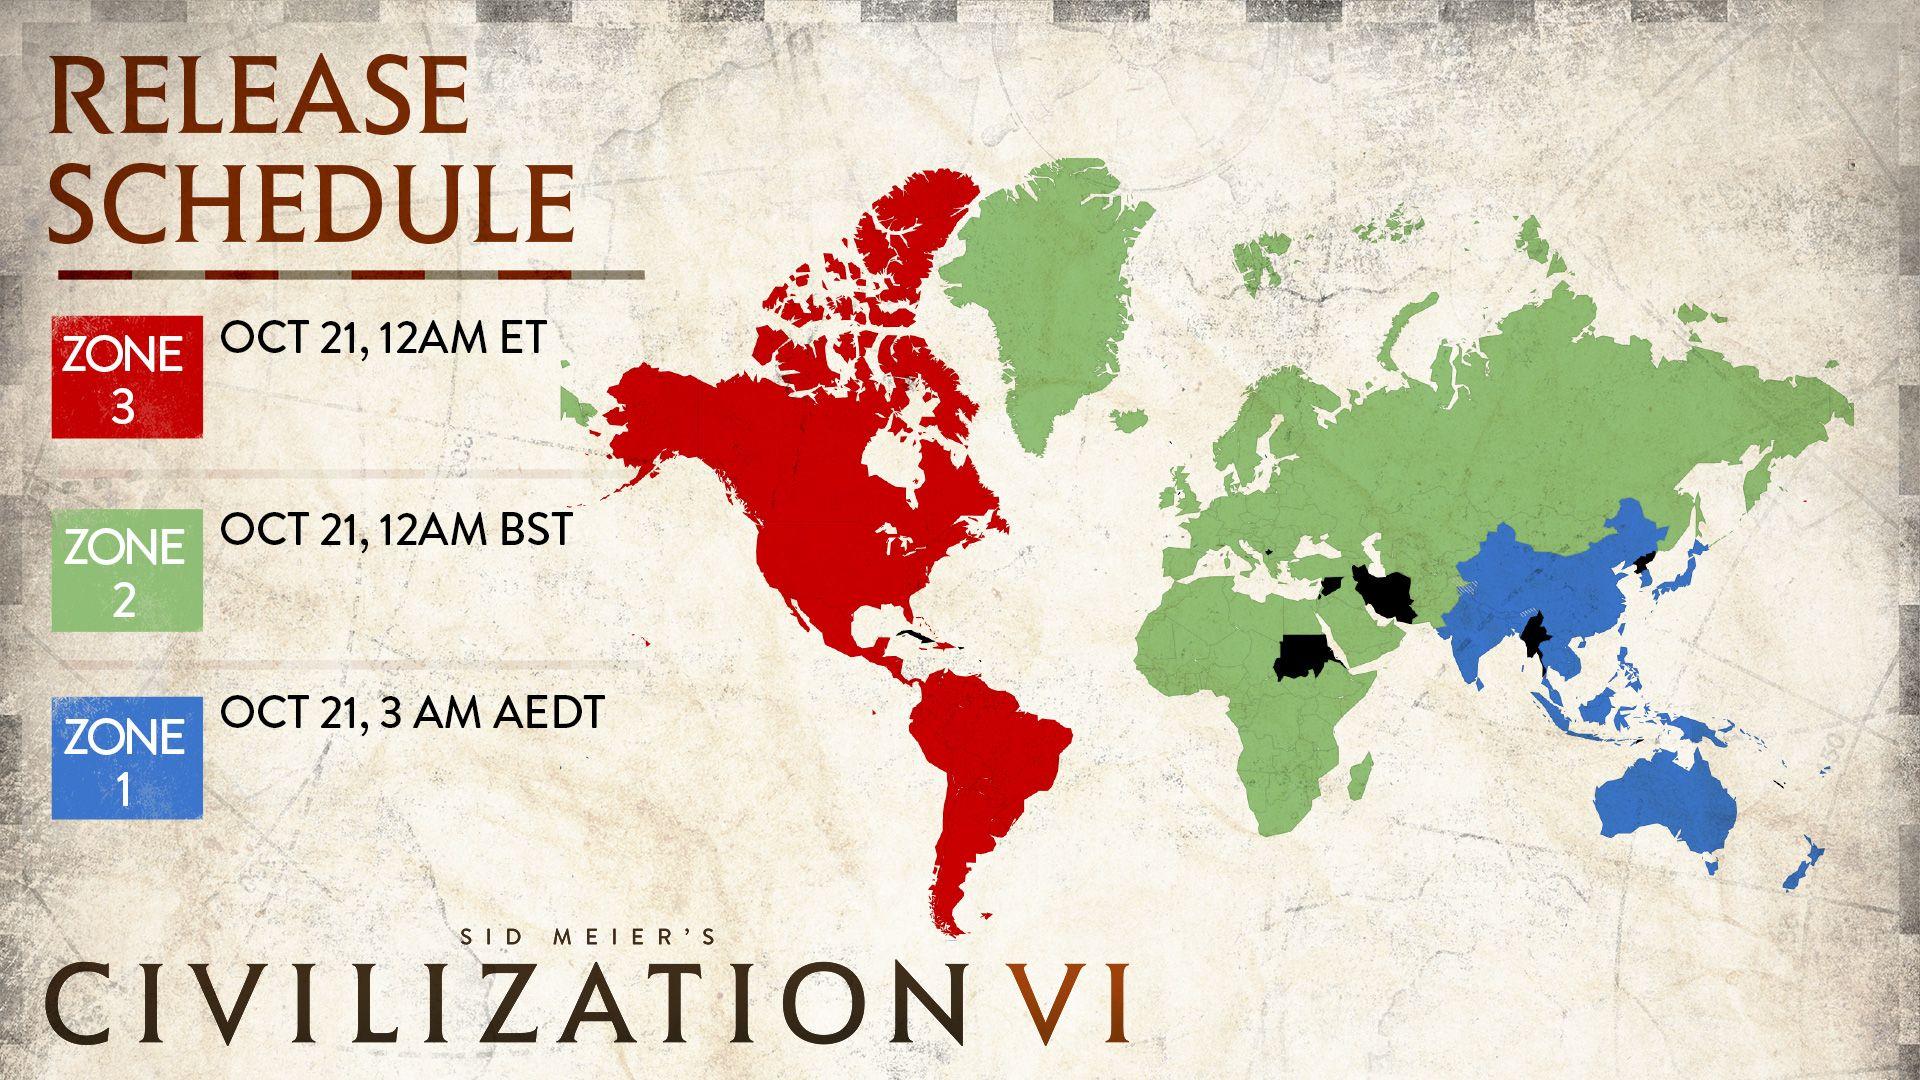 civilization-vi-promo-art-05